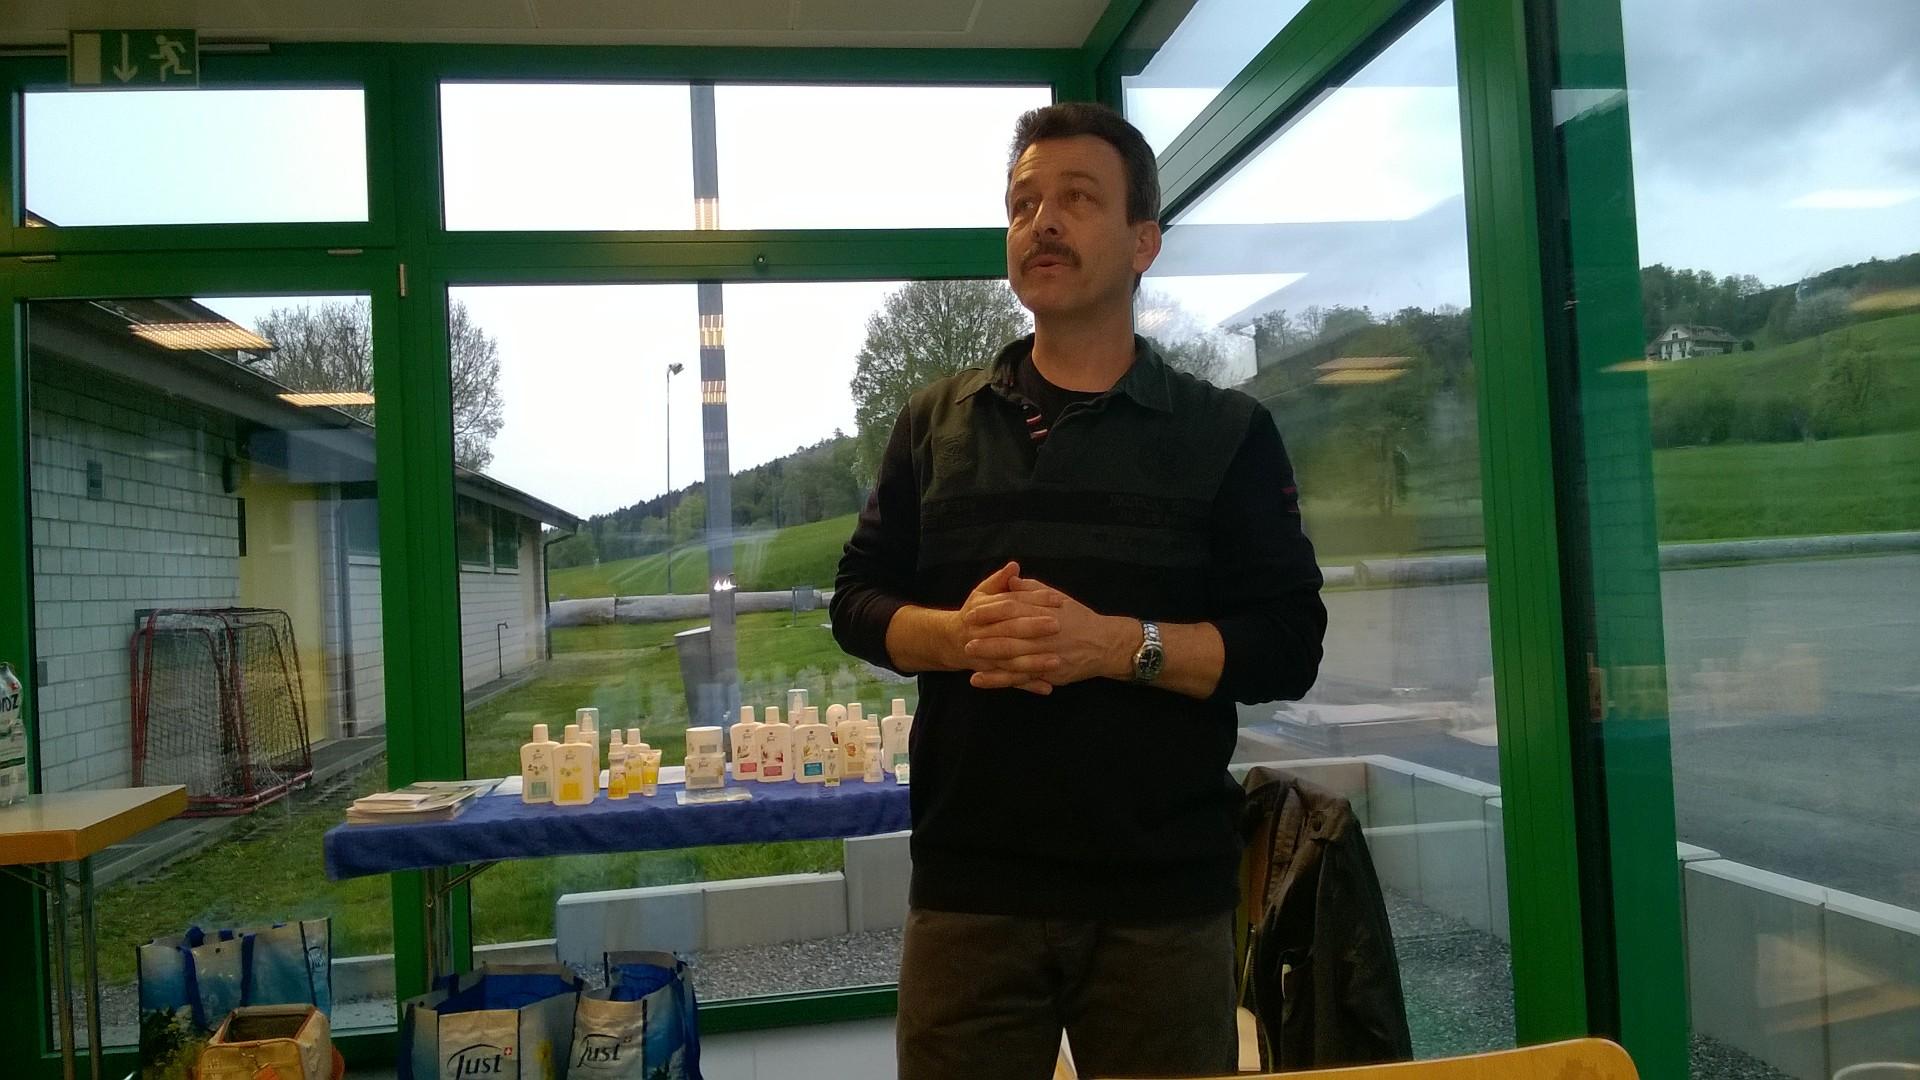 Urs Byland erzählt die Geschichte von Just...